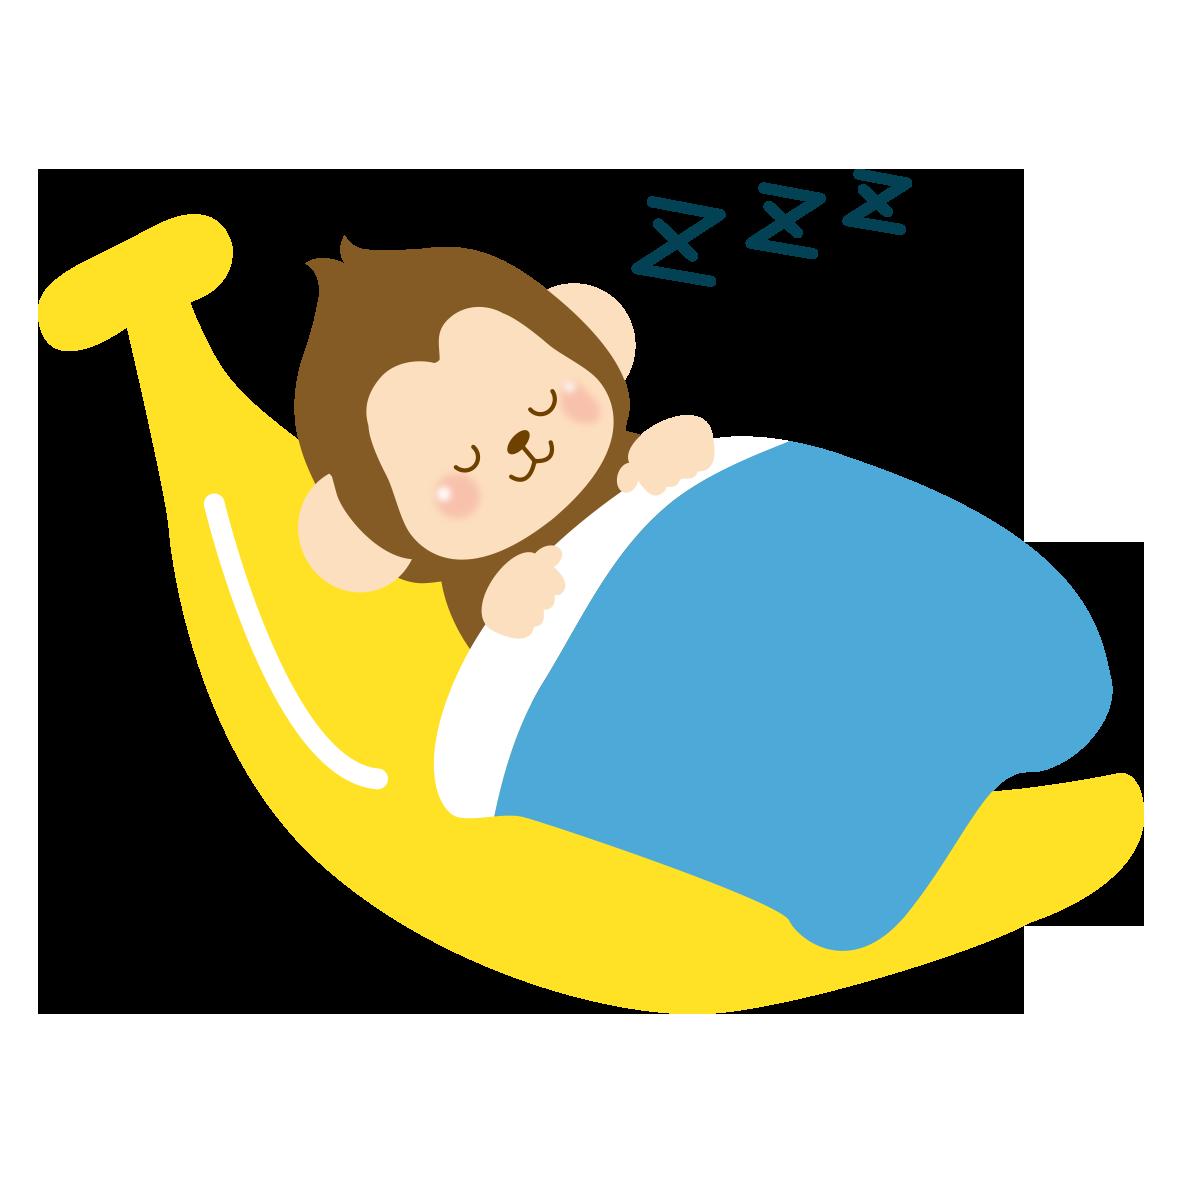 ぐっすり睡眠中のサル」 - 無料イラスト[アレイラ]